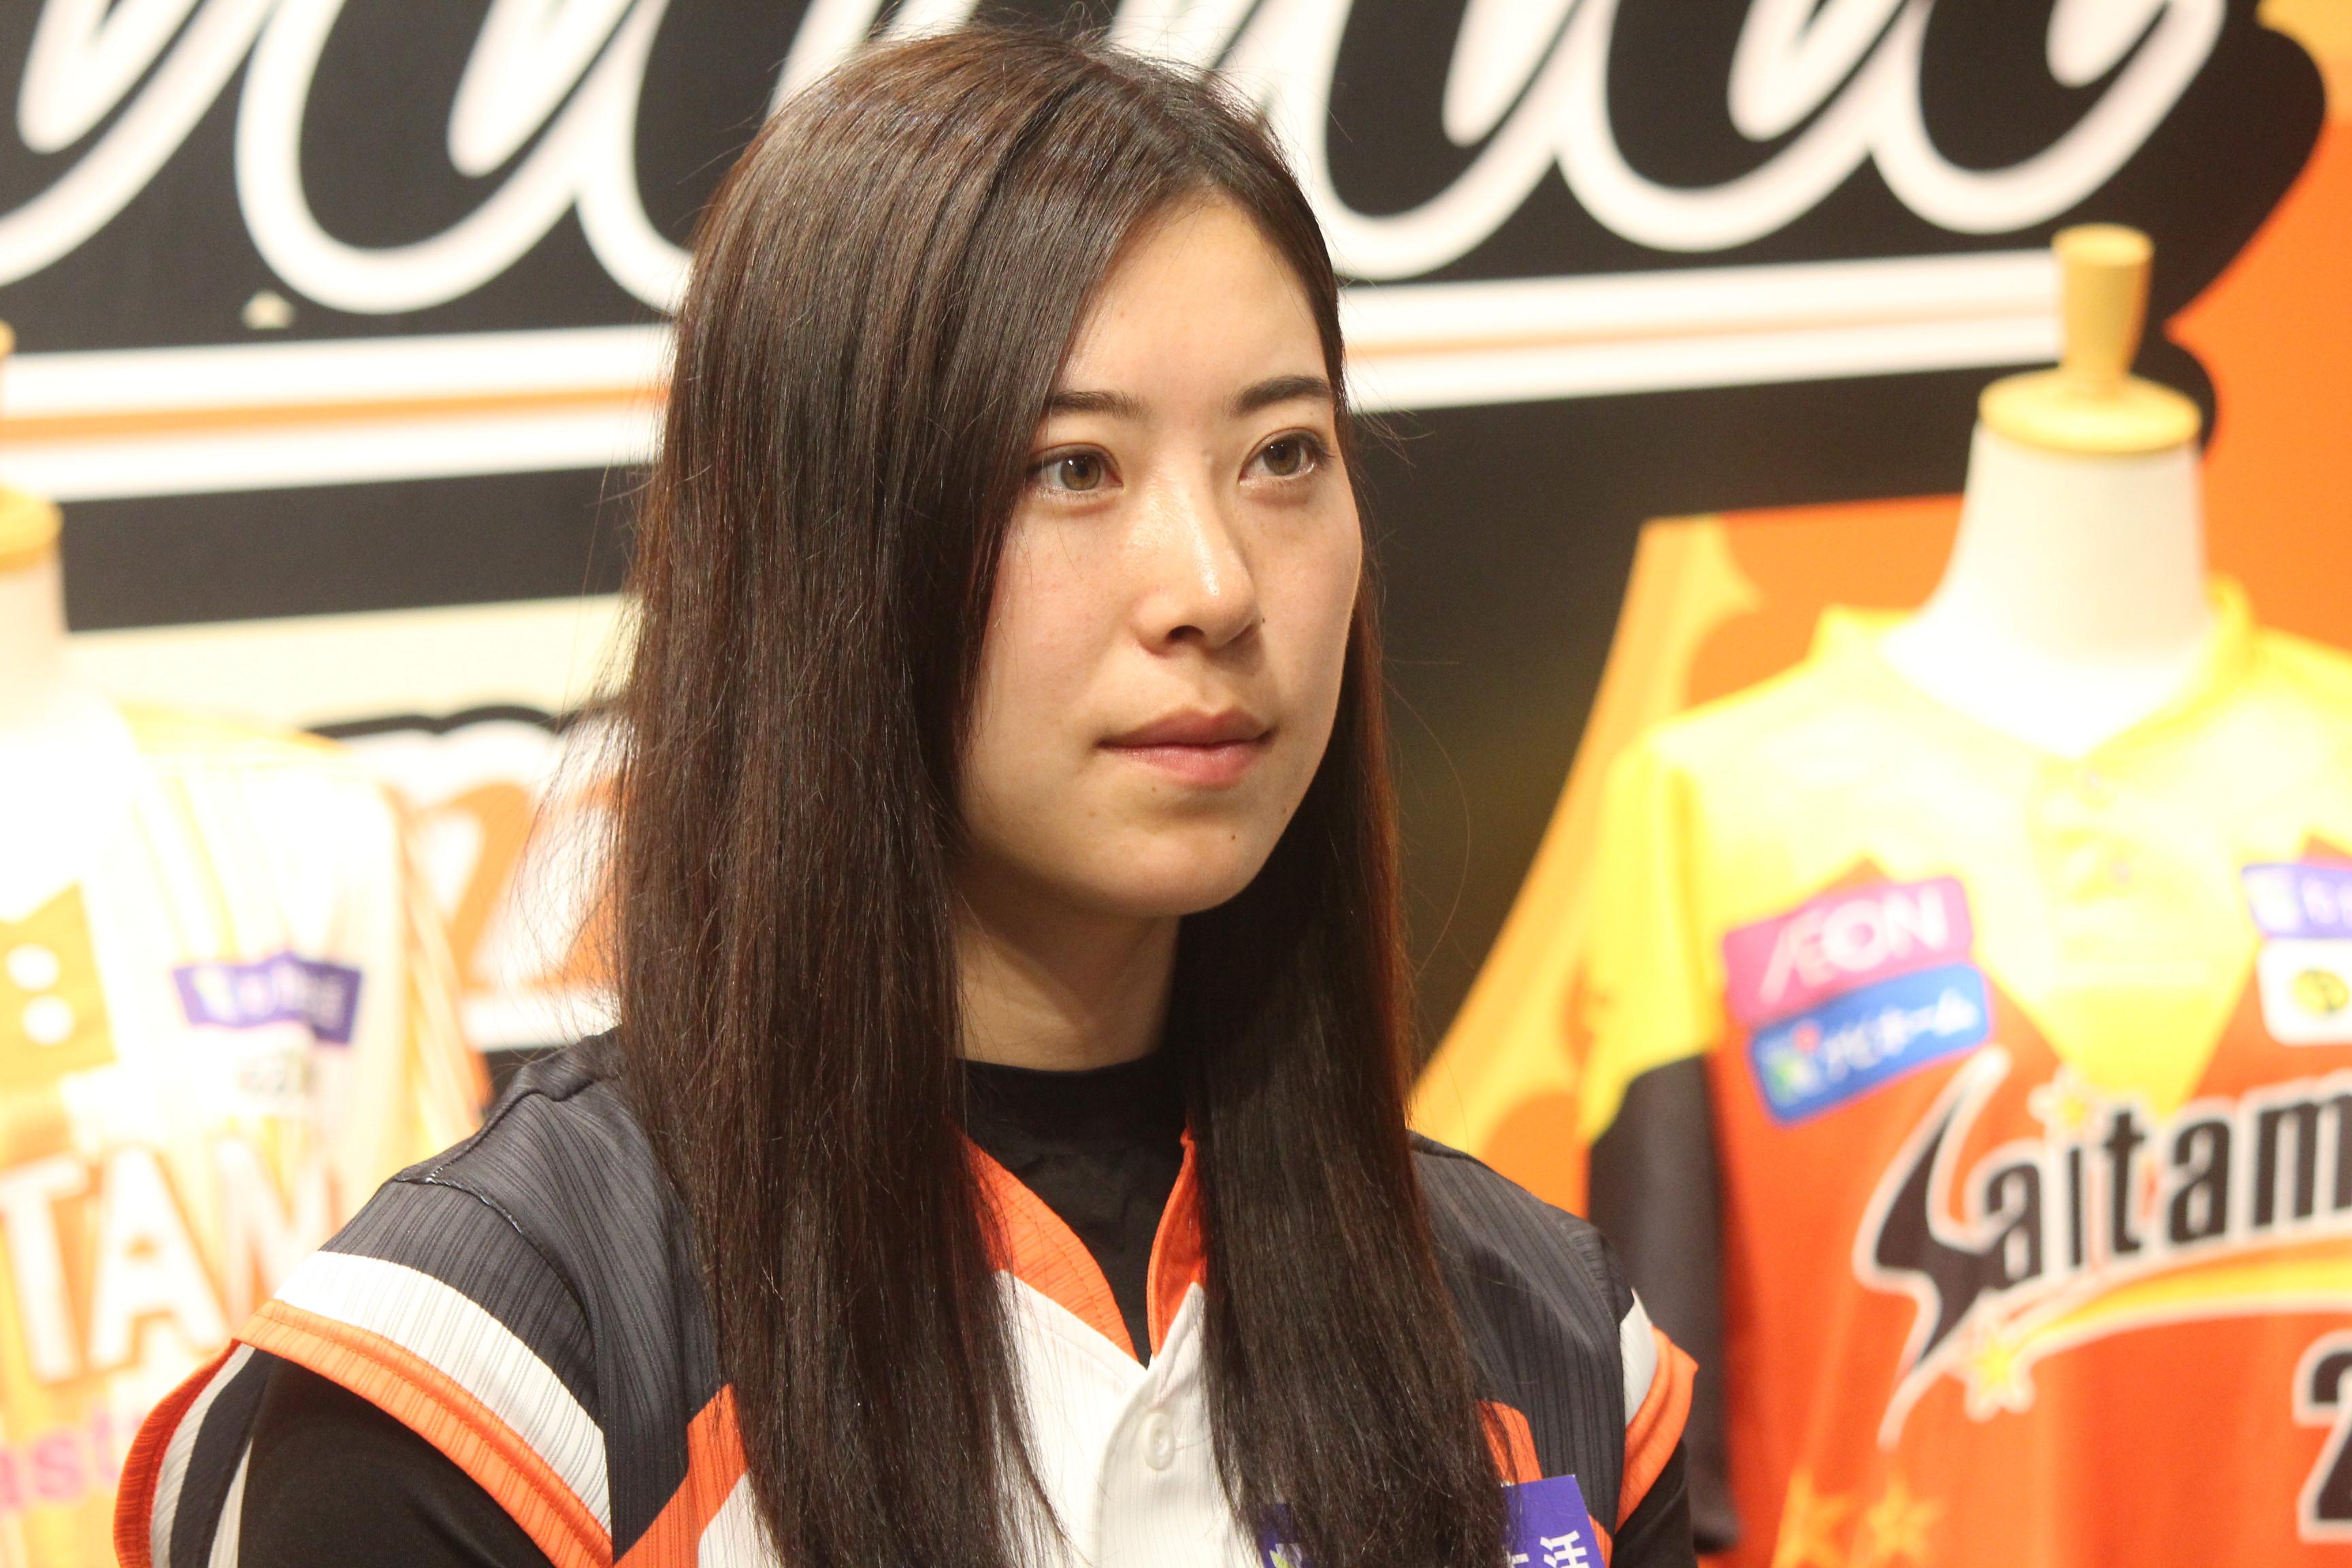 インタビューに答えてくれた埼玉アストライア みなみ選手